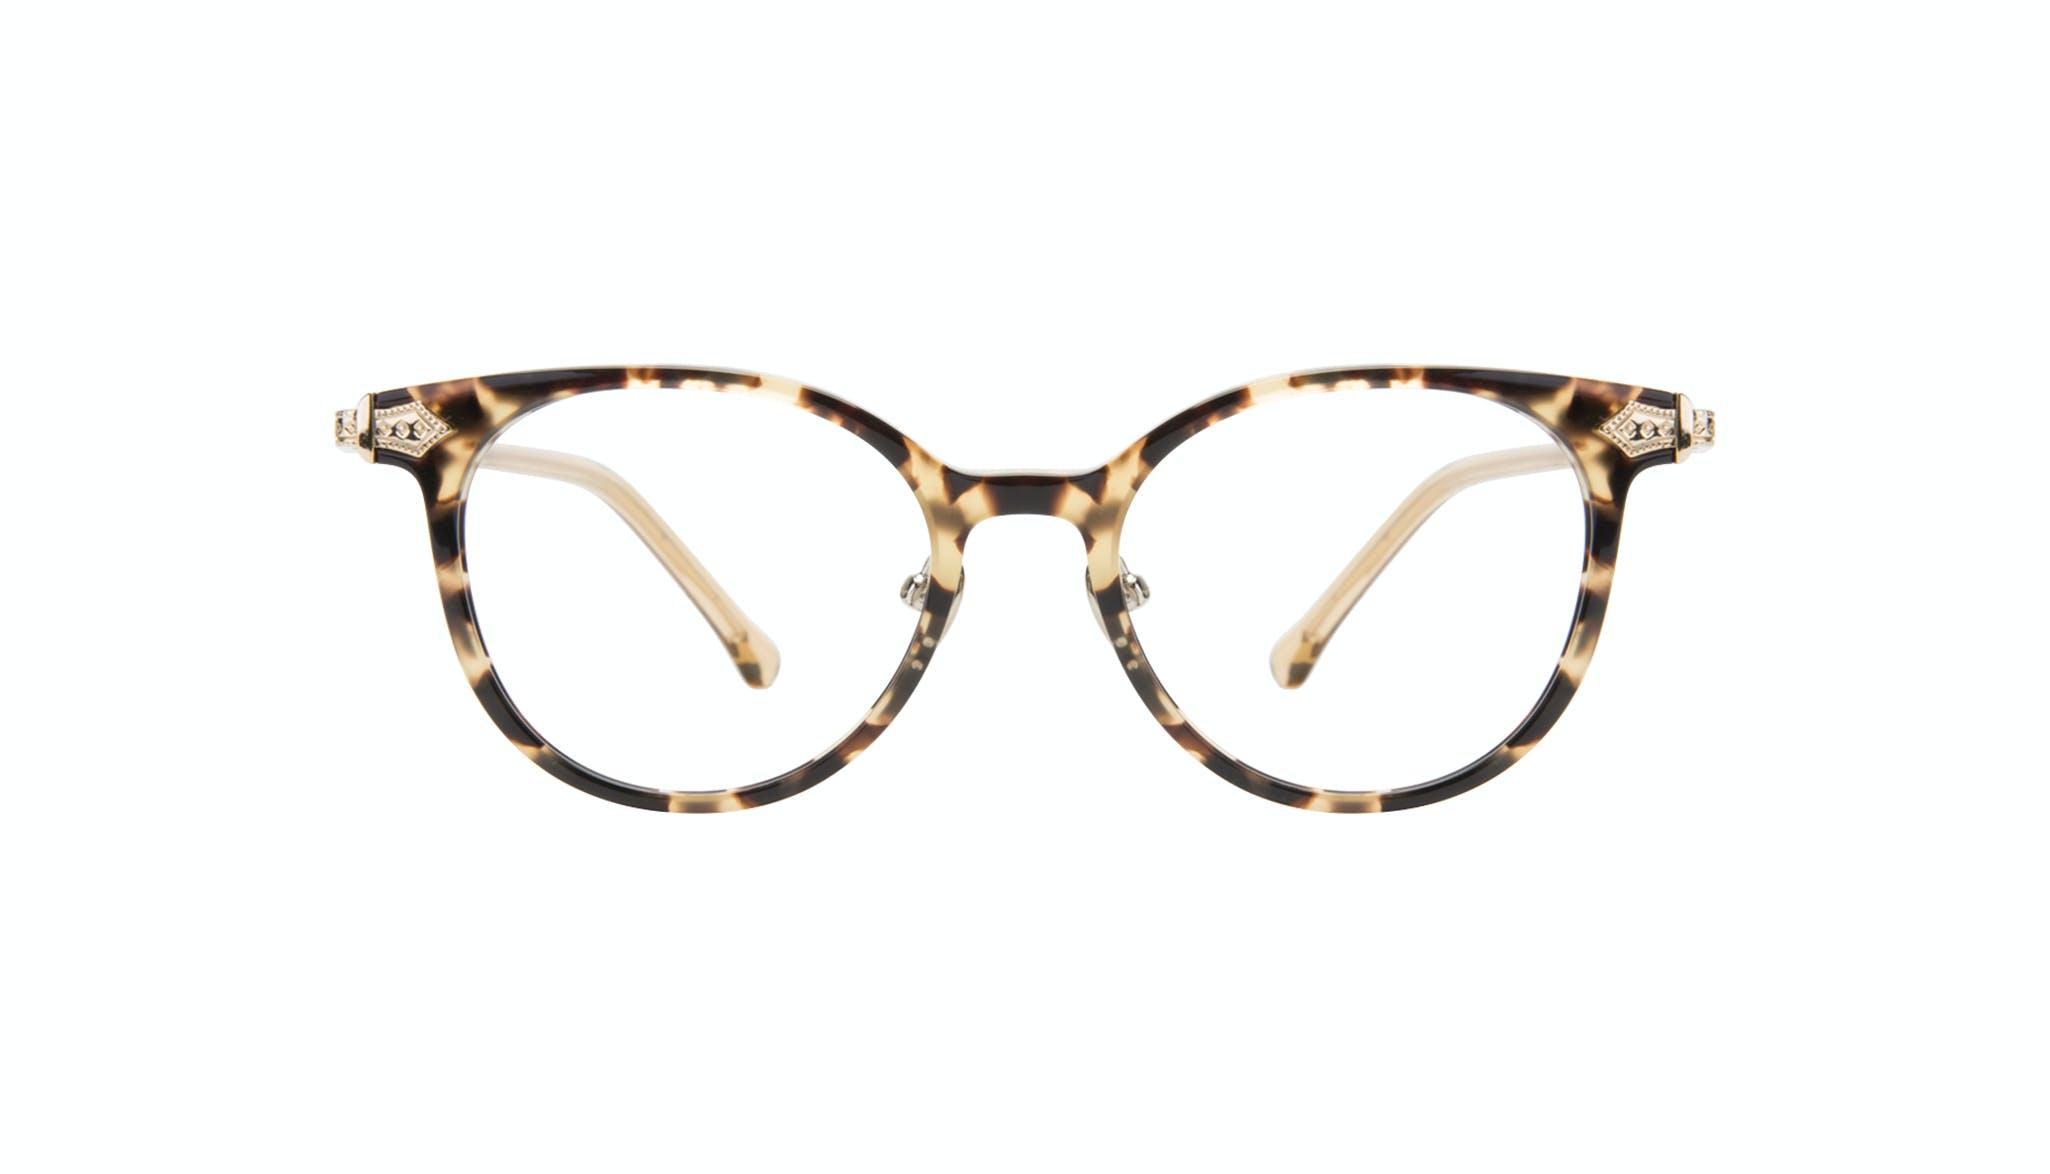 Affordable Fashion Glasses Round Eyeglasses Women Gem Golden Chip Front